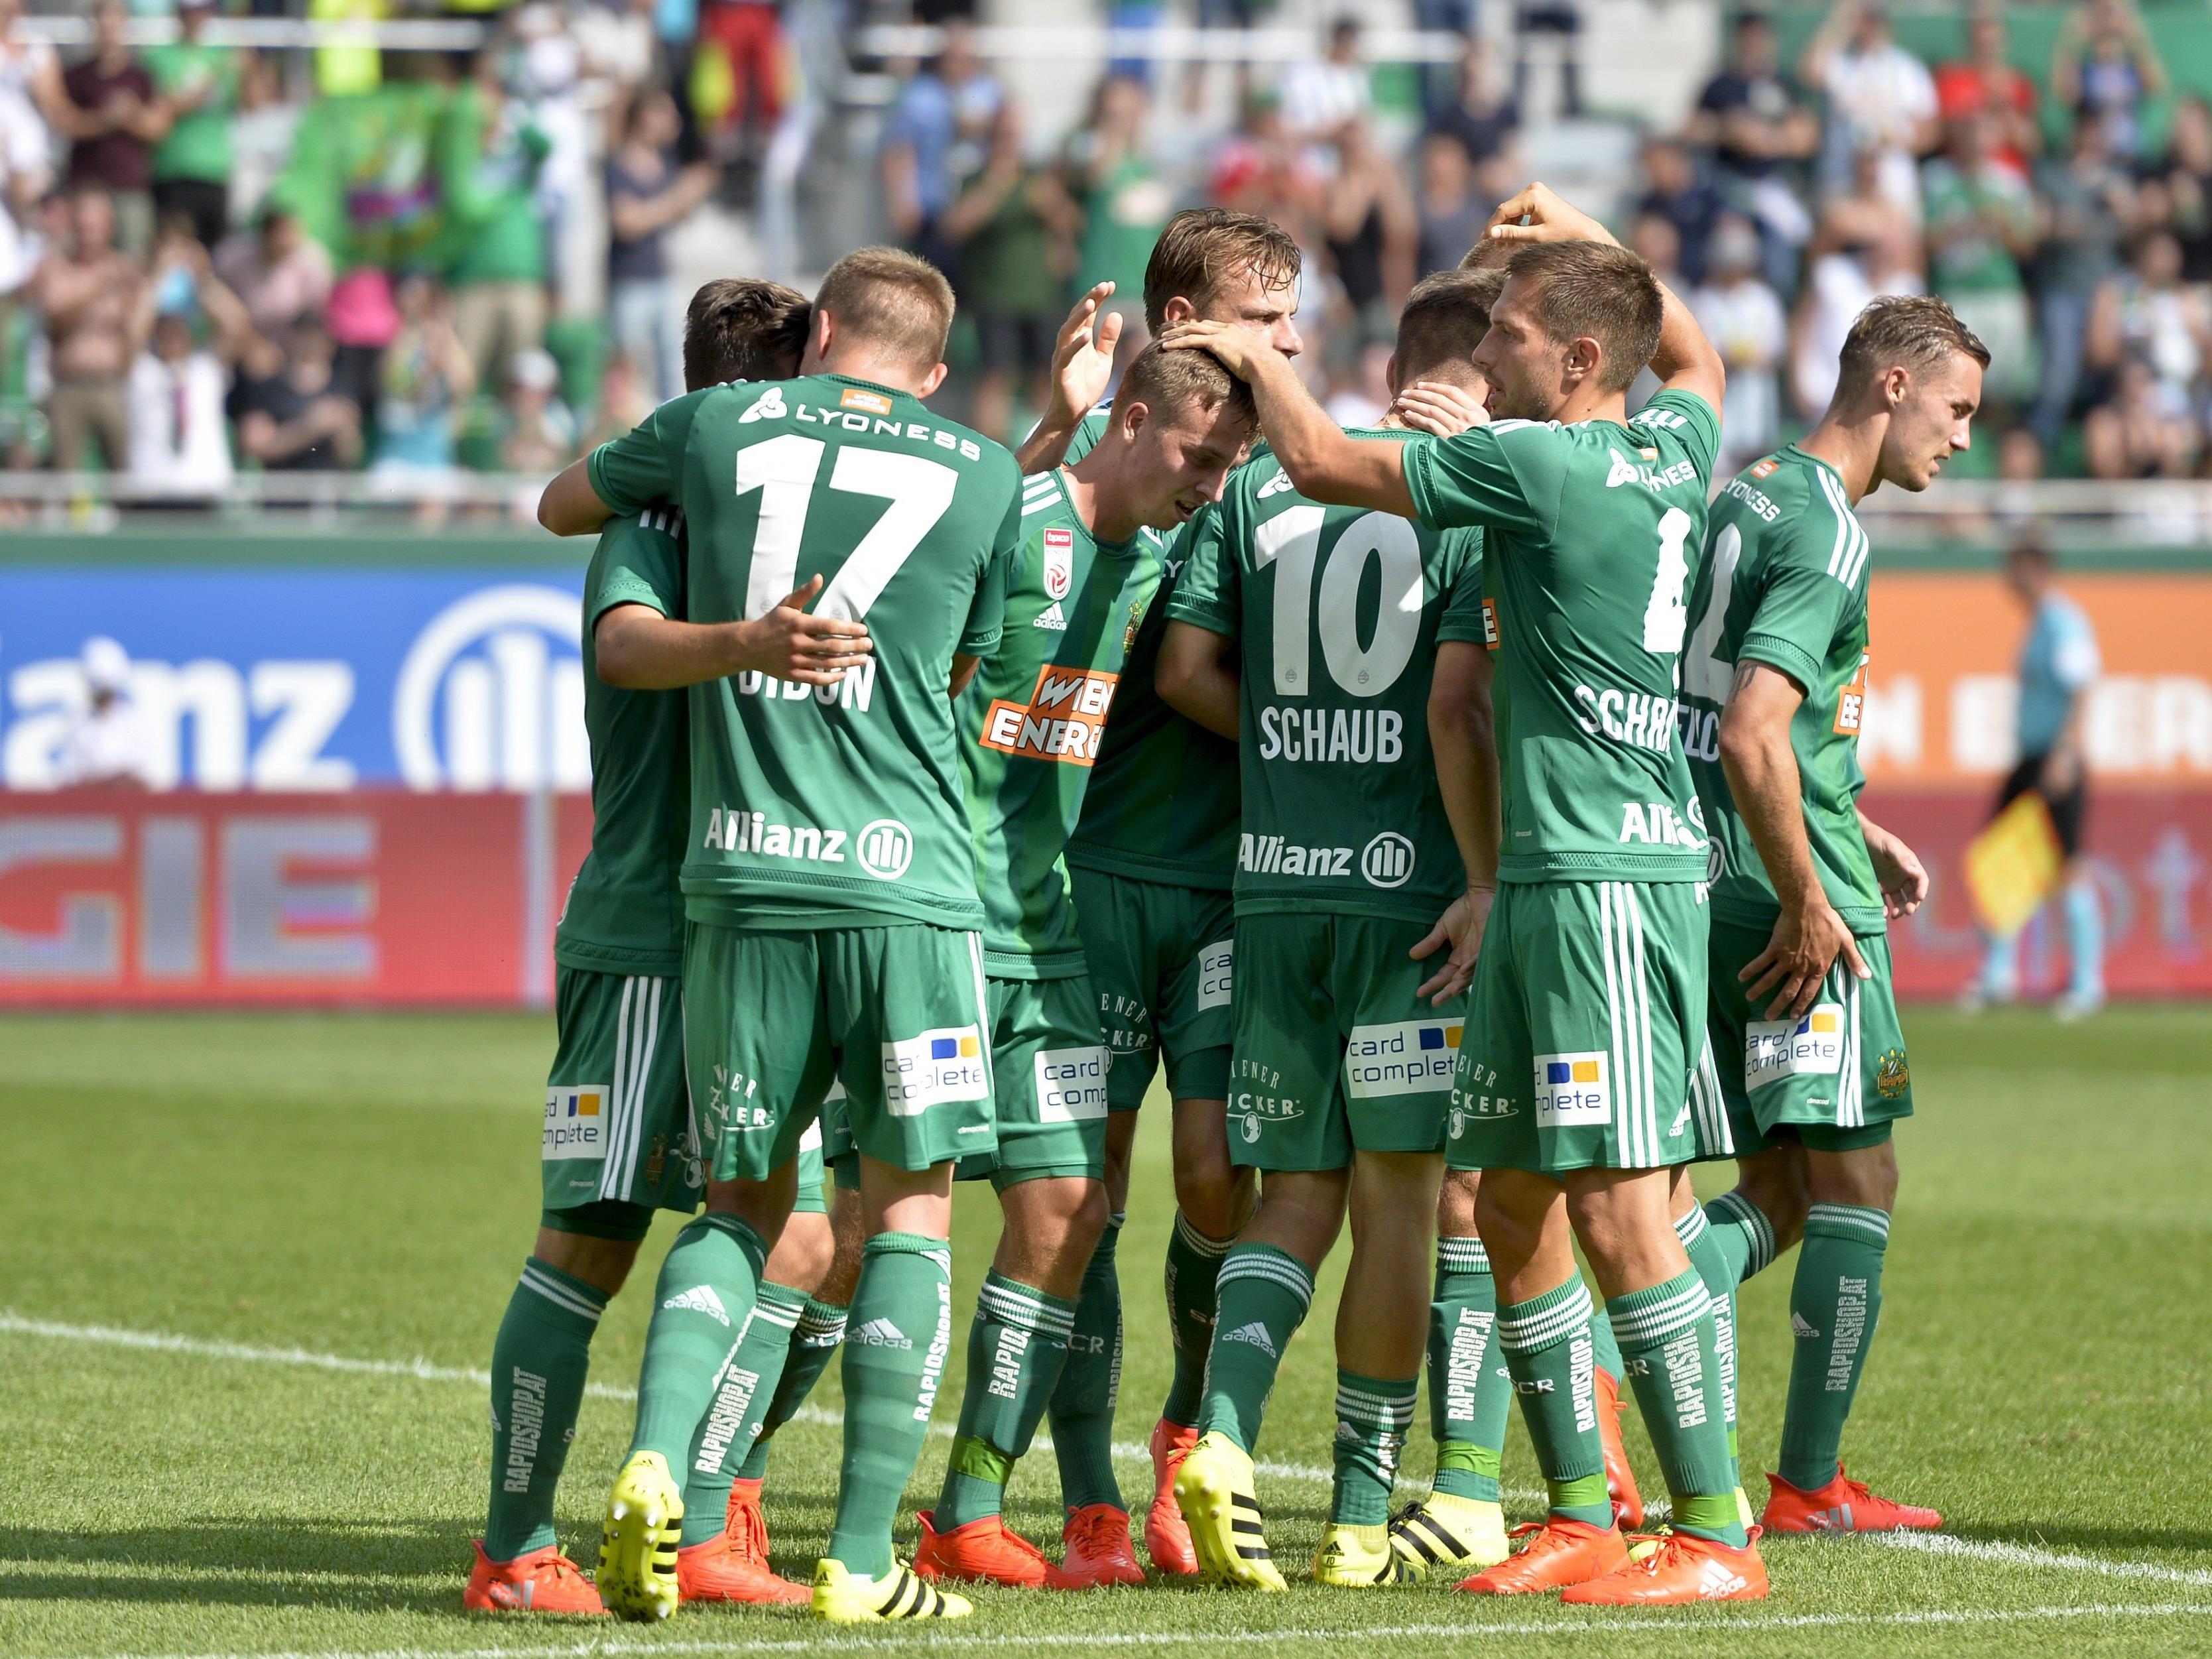 LIVE-Ticker zum Spiel SCR Altach gegen SK Rapid Wien ab 16.30 Uhr